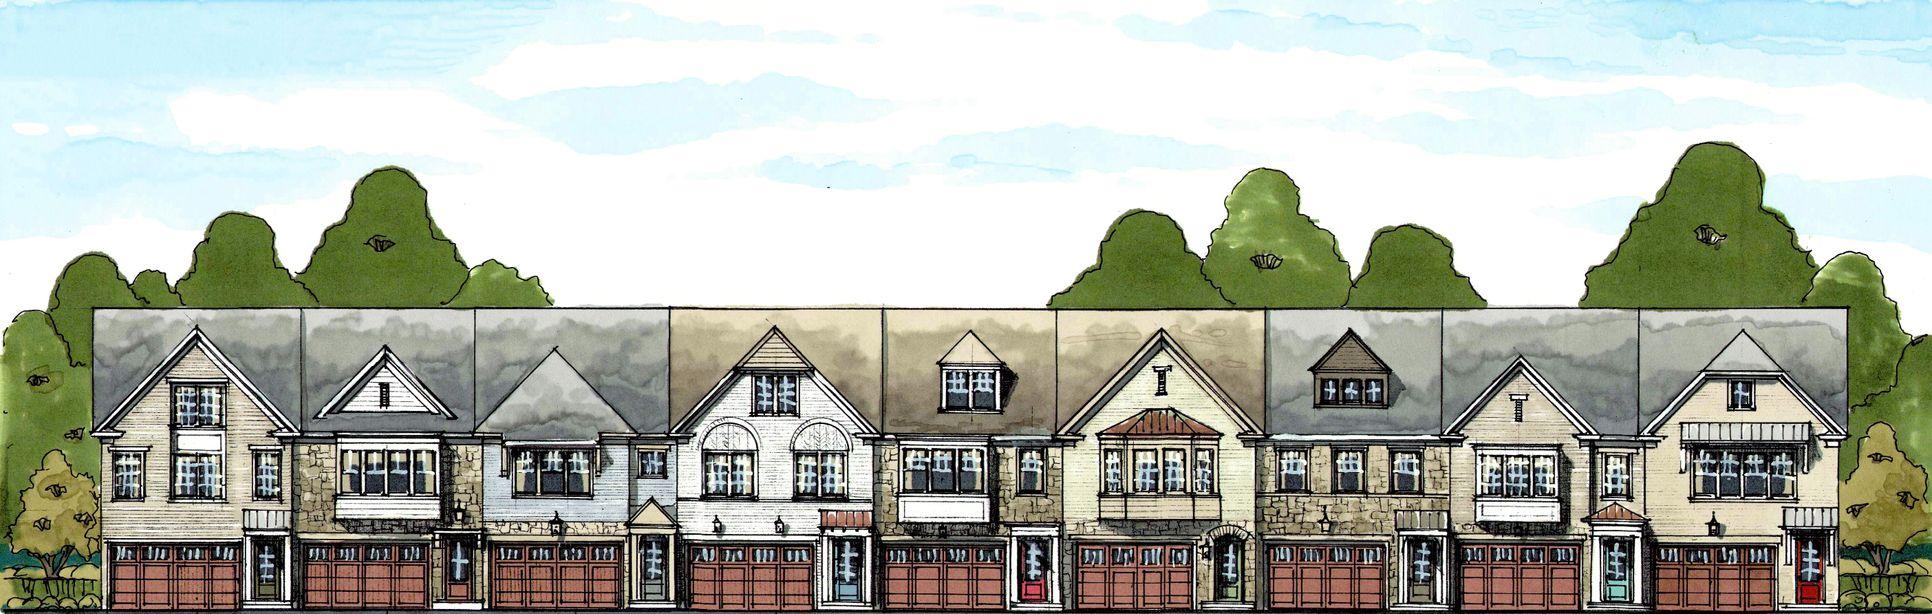 The Woodbury:Homesite 5